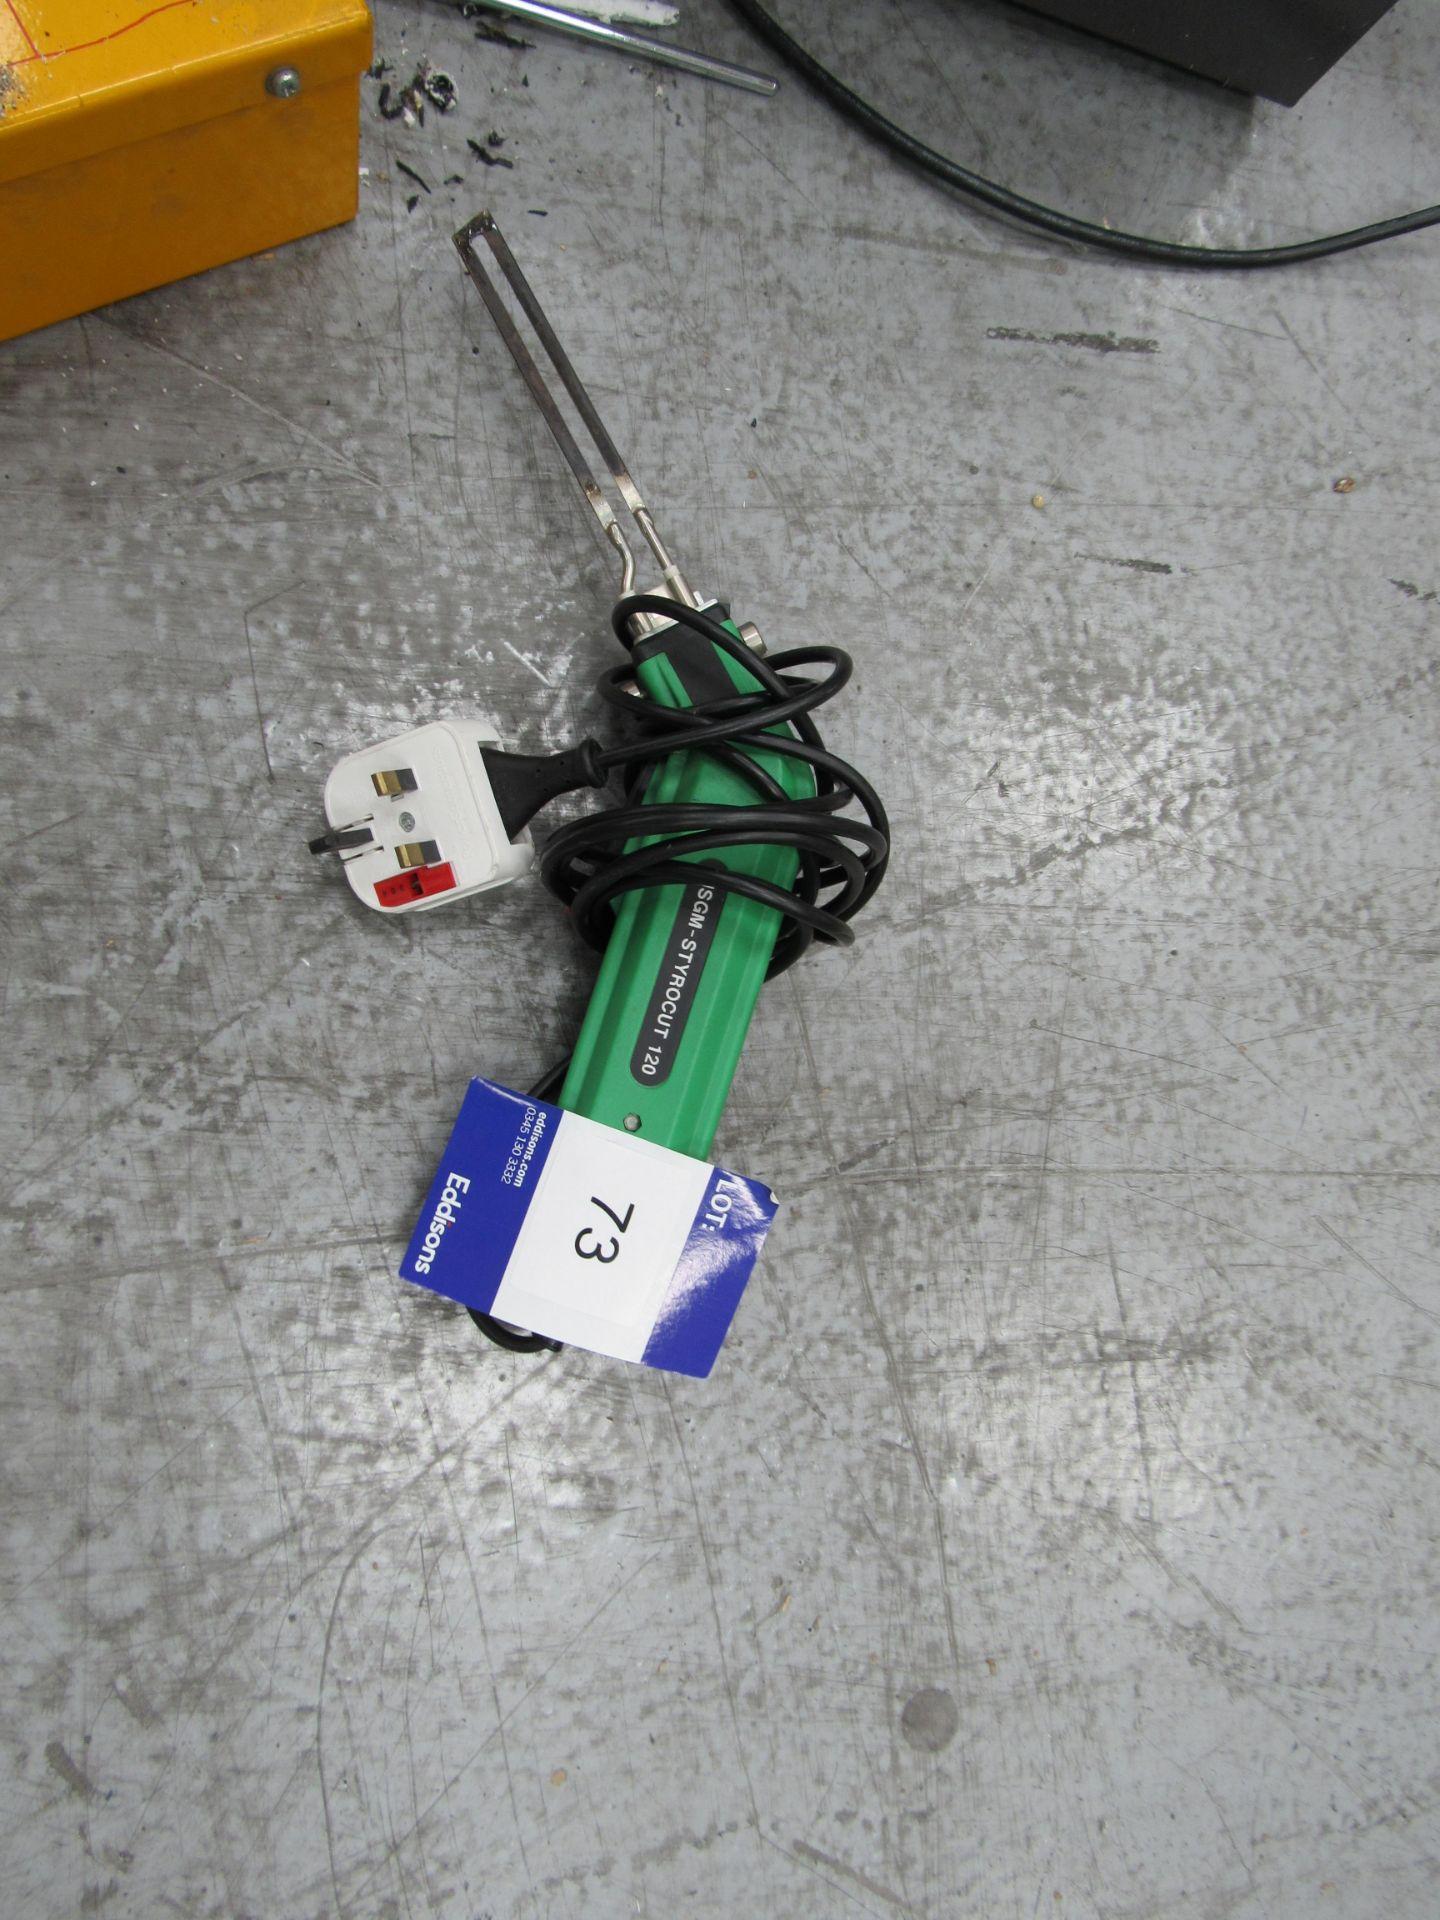 HGSM-STYROCUT 120, foam board cutter - Image 2 of 2